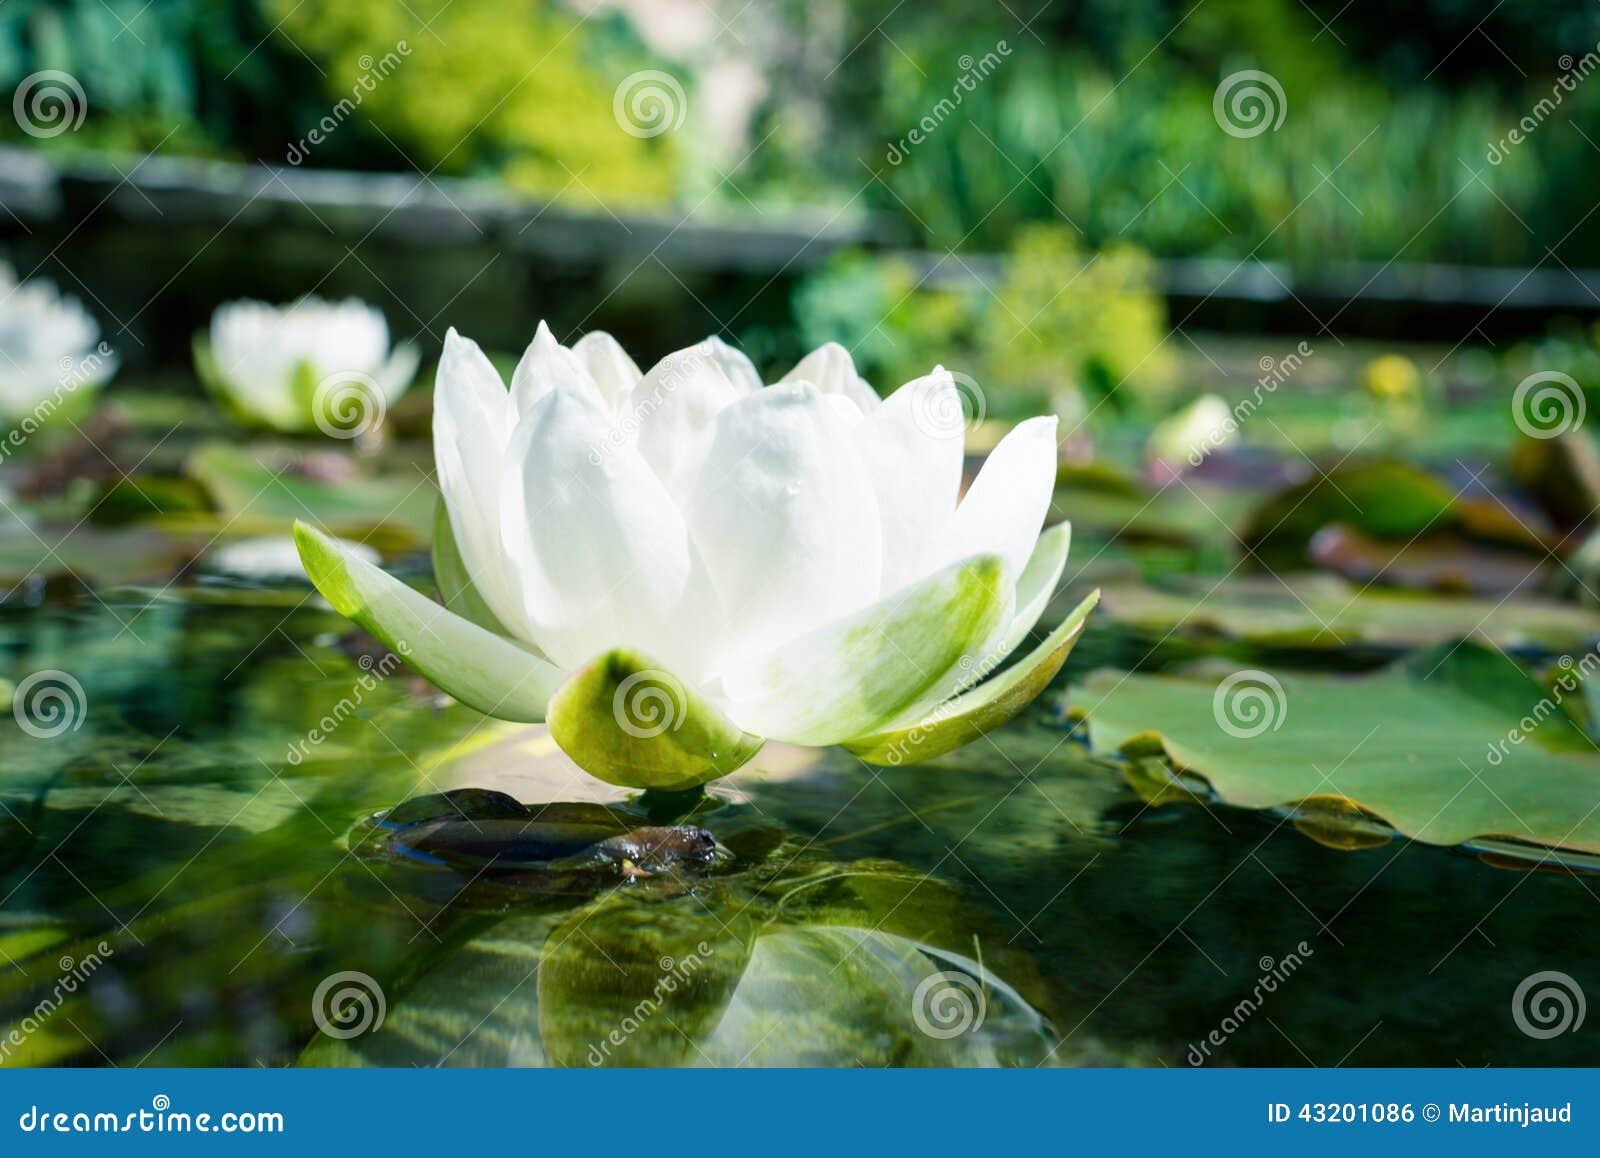 Download Blommor För Vit Lotusblomma I Ett Damm Arkivfoto - Bild av näckros, växt: 43201086